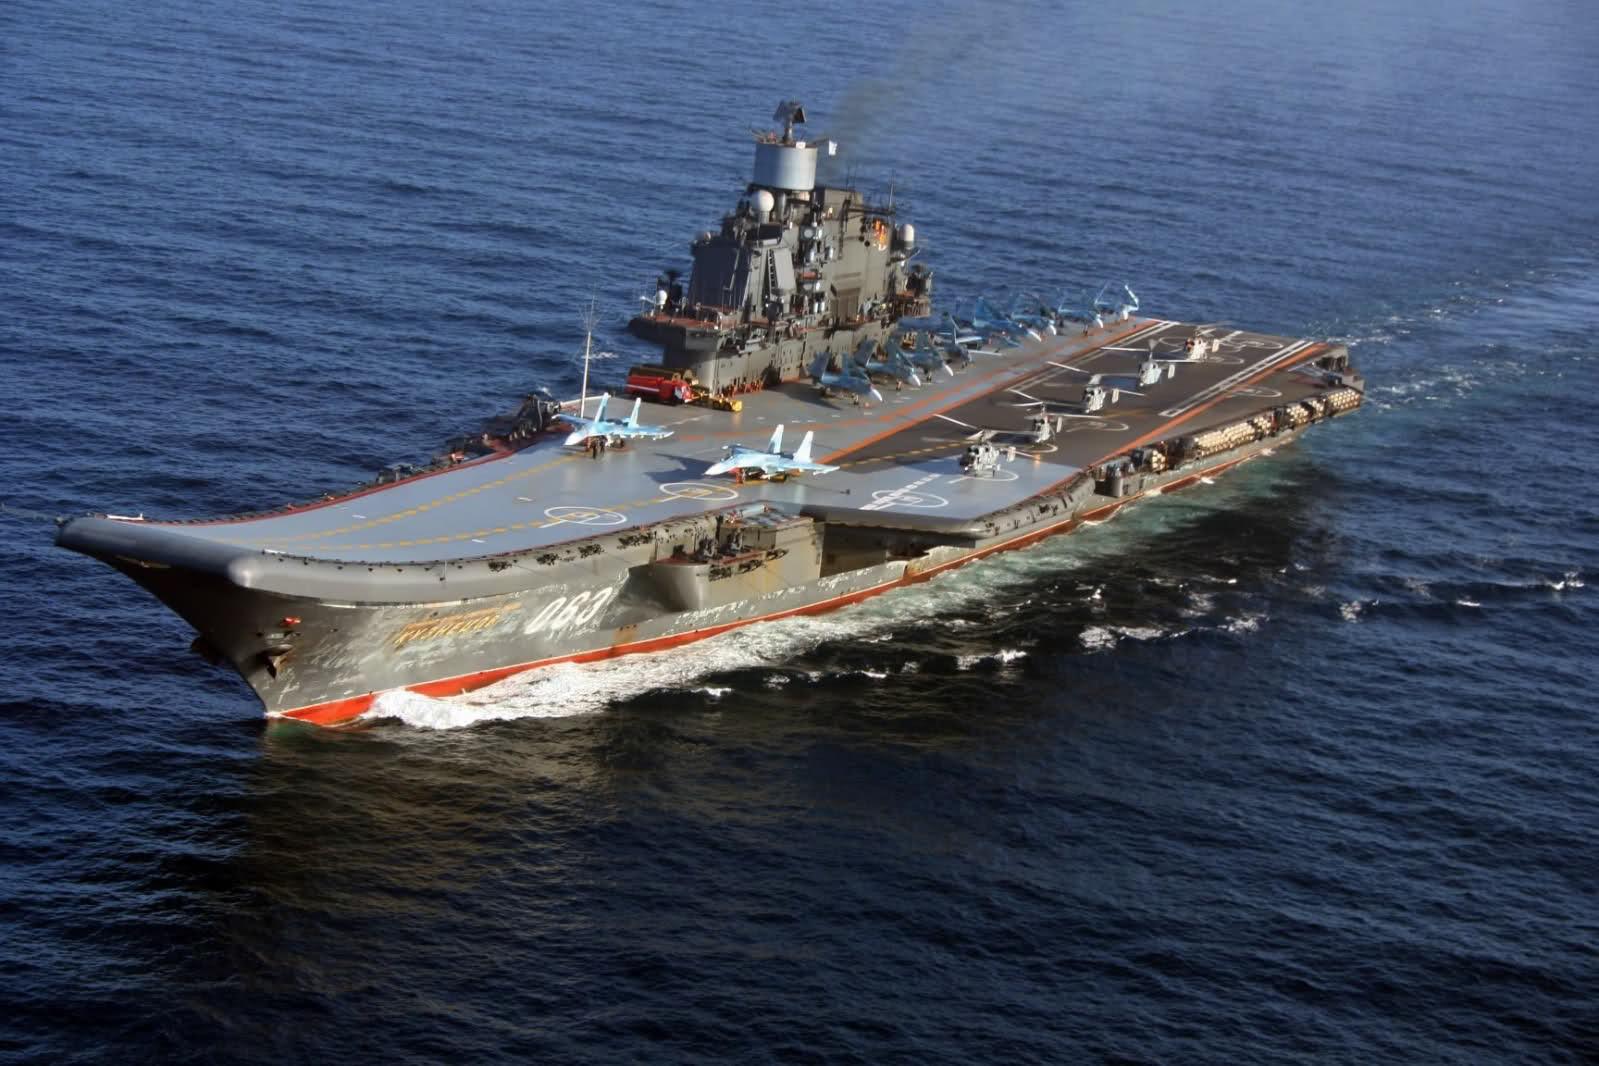 Военные моряки поведали Путину онедружественном поведении кораблей НАТО